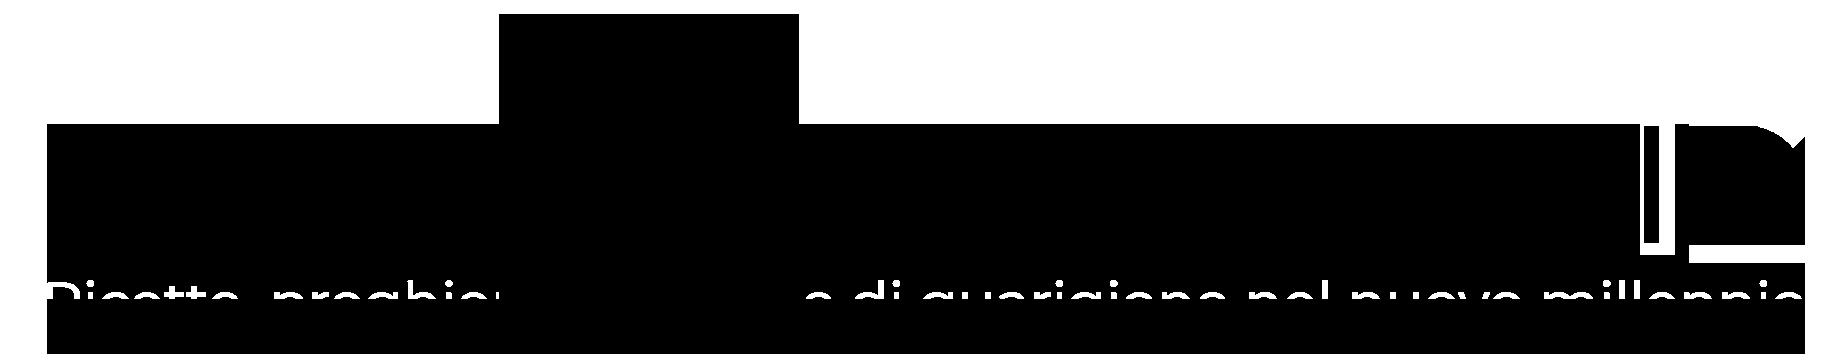 IL TERZO PAESAGGIO-logo-dandelion_black(1).png